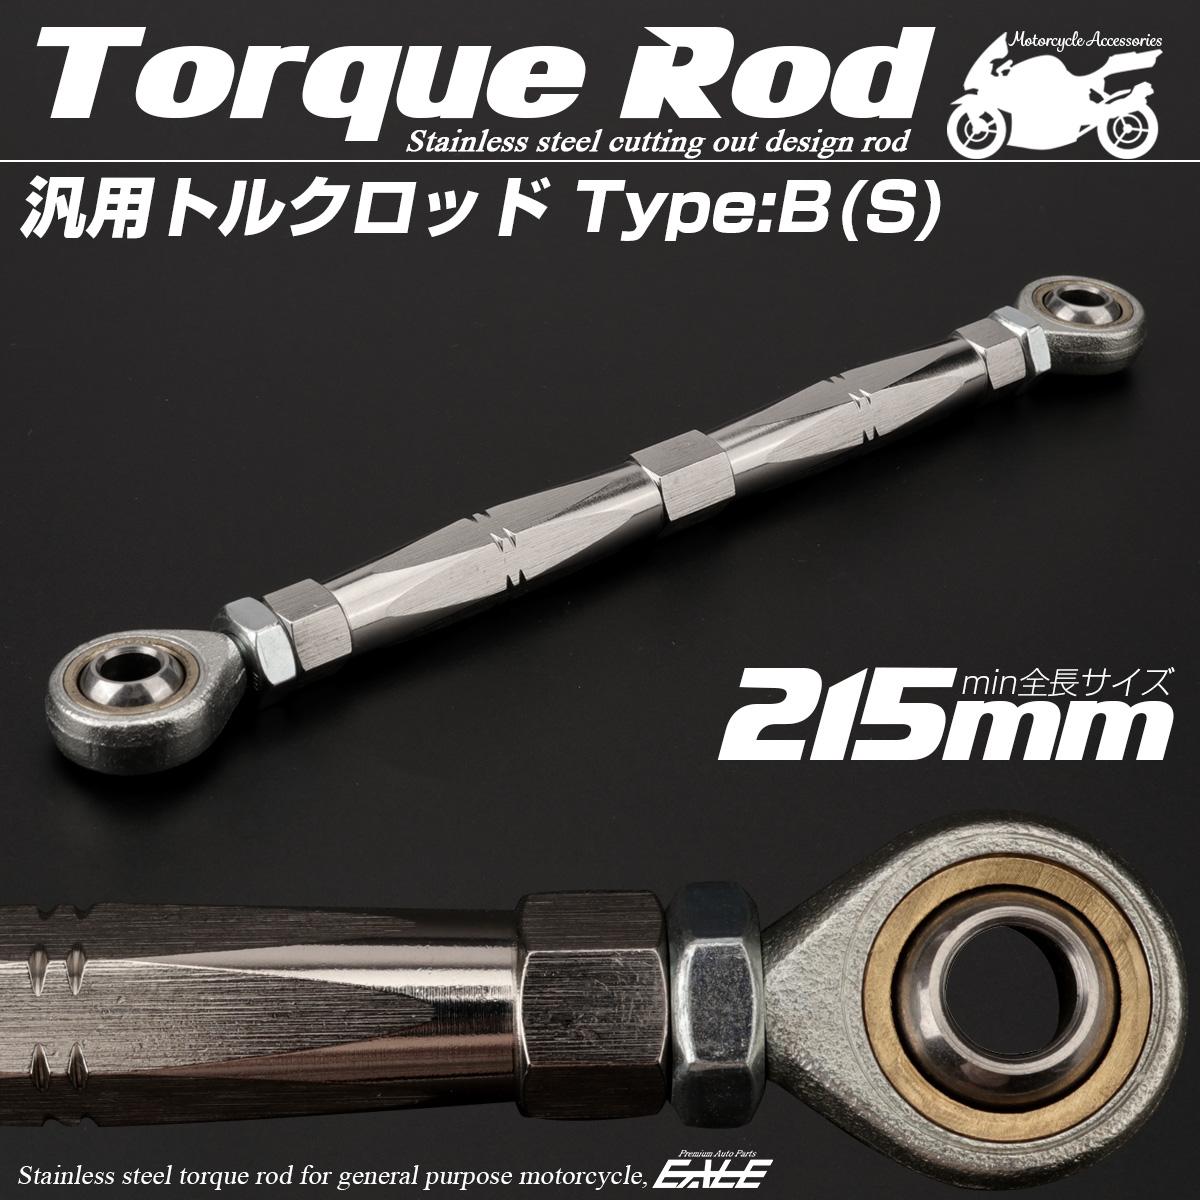 汎用 トルクロッド ステンレス Bタイプ Sサイズ 215mm バイク 二輪 シルバー TH0071